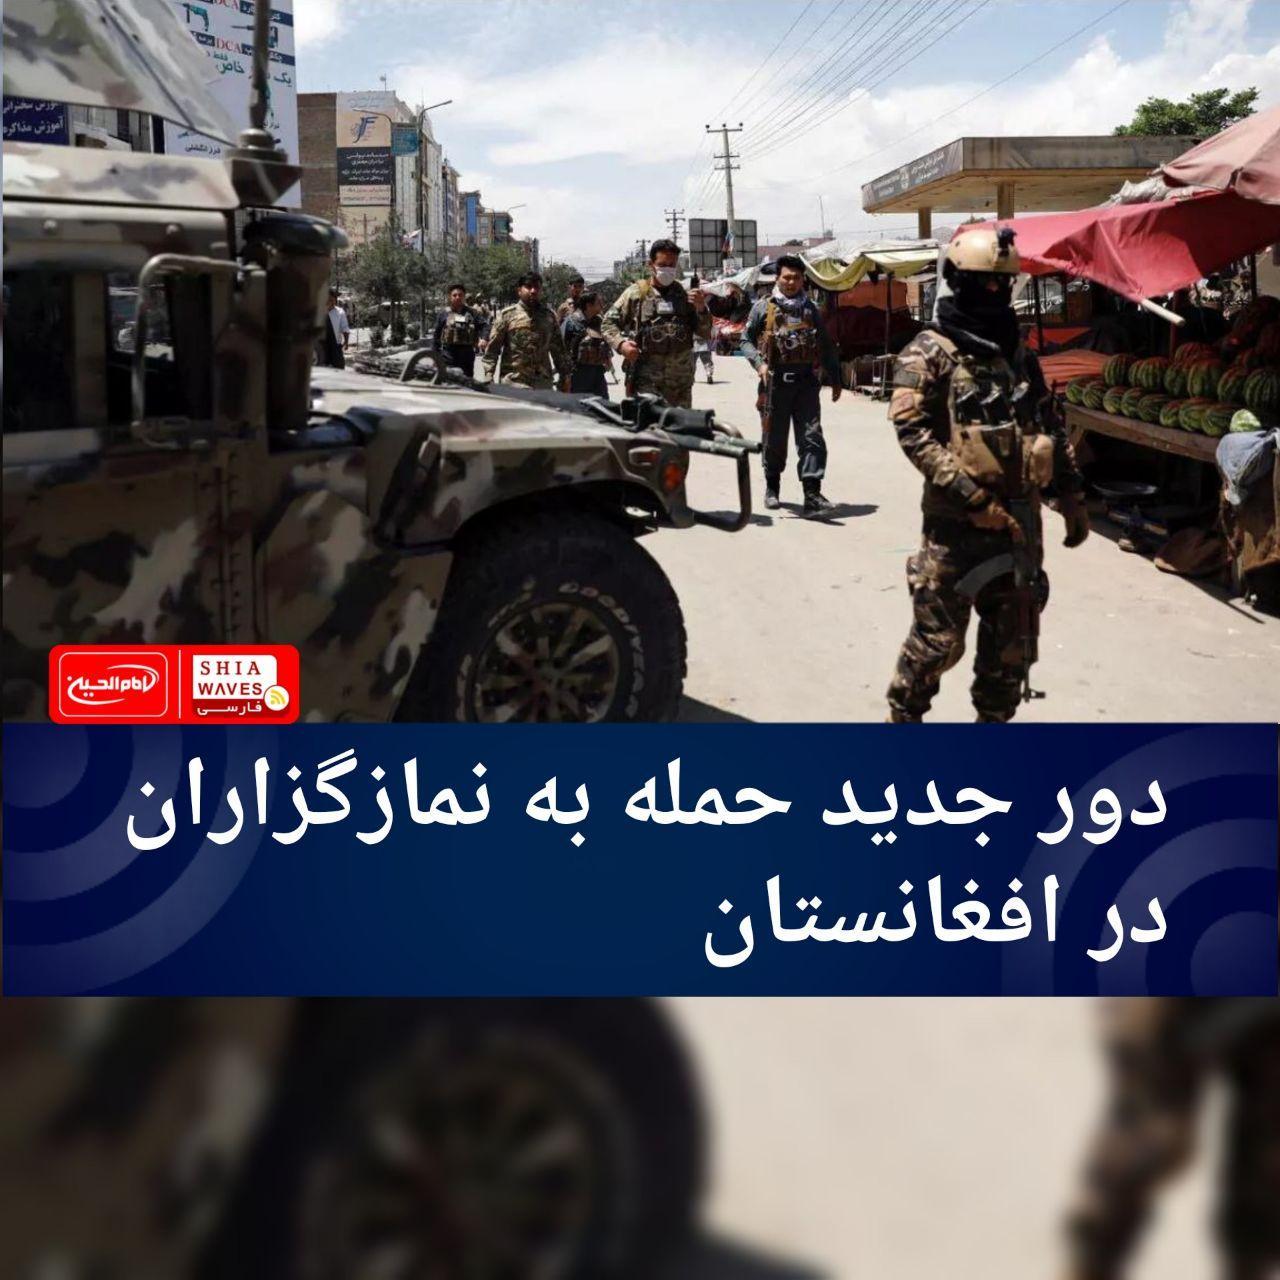 تصویر دور جدید حمله به نمازگزاران در افغانستان